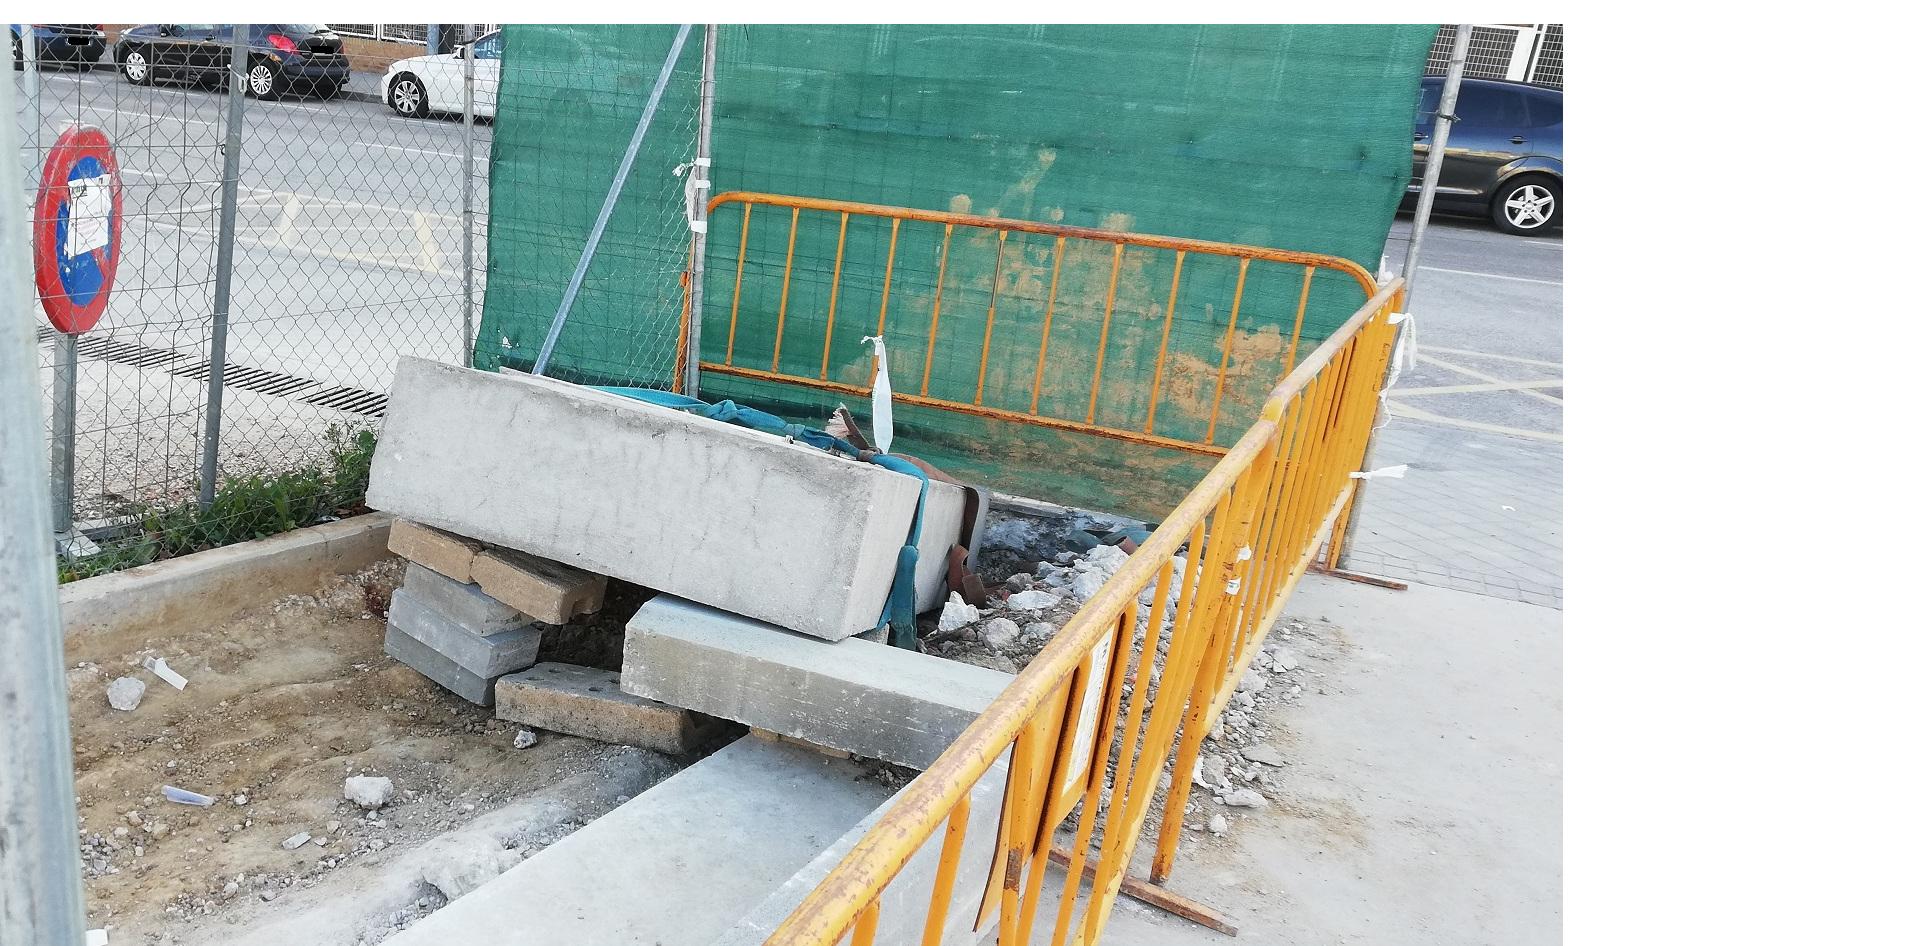 Teleboadilla. Obras de aparcamiento del Centro de Salud Infante Don Luis De Borbóny Centro de Mayores de la calle Secundino, blo Suazo, bloque hormigón caido